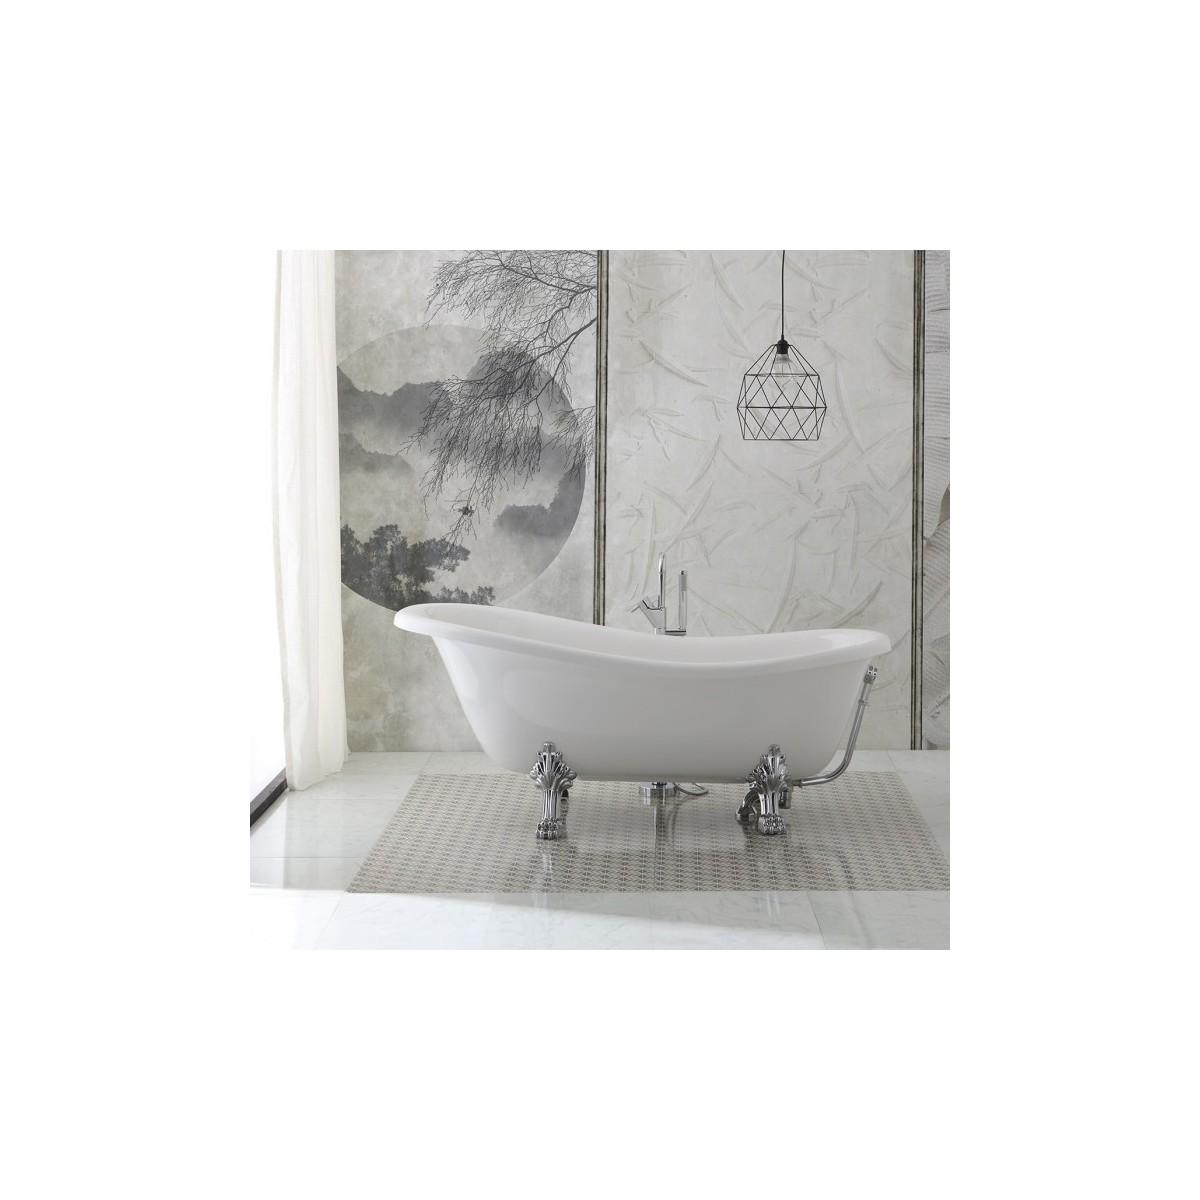 Vasca da bagno stile retr con piedini modello regina 167cm - Vasca da bagno piedini ...